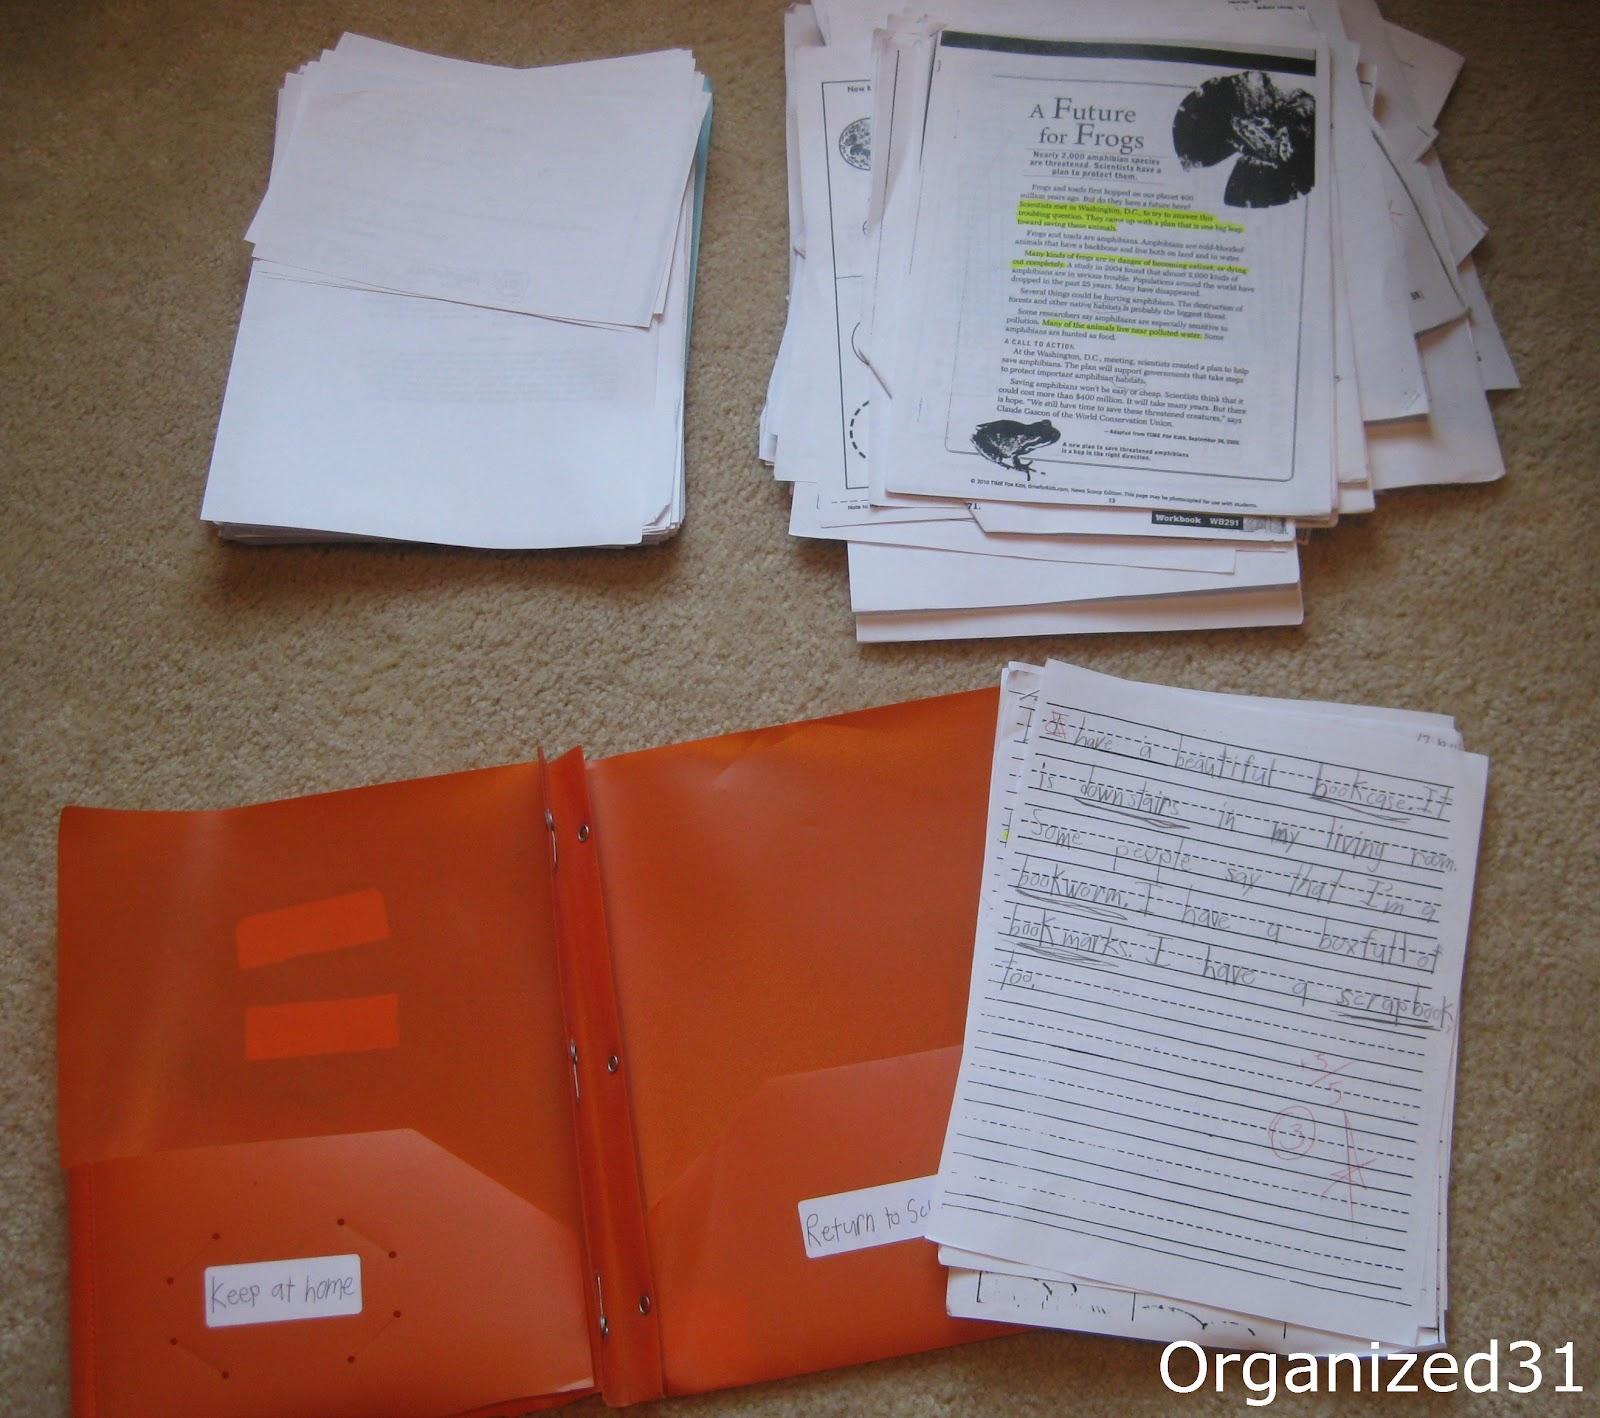 Reusing admissins essays in college